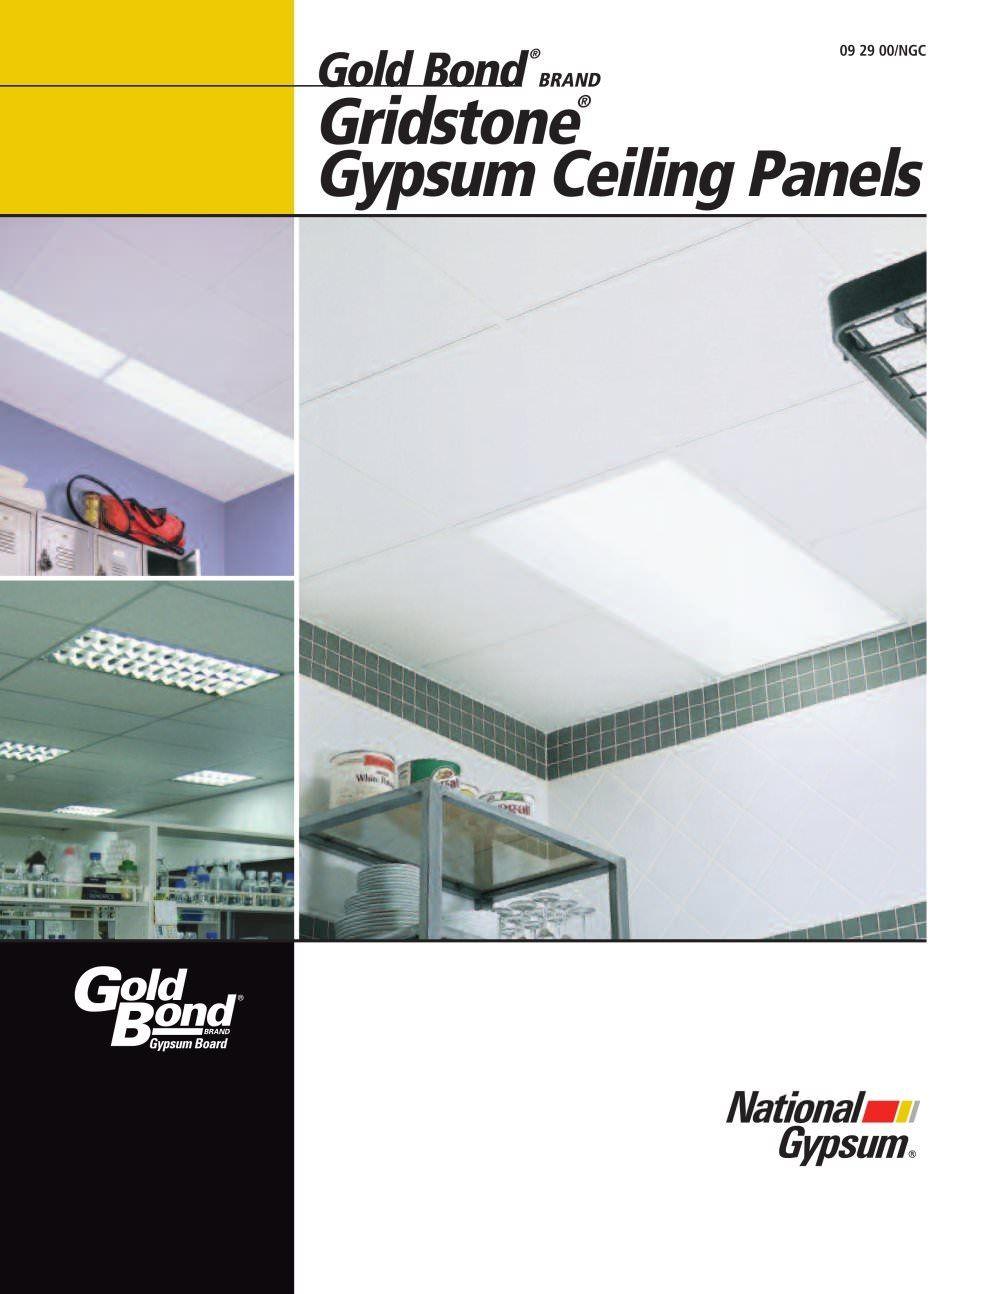 Gold Bond Ceiling Tiles Httpcreativechairsandtables